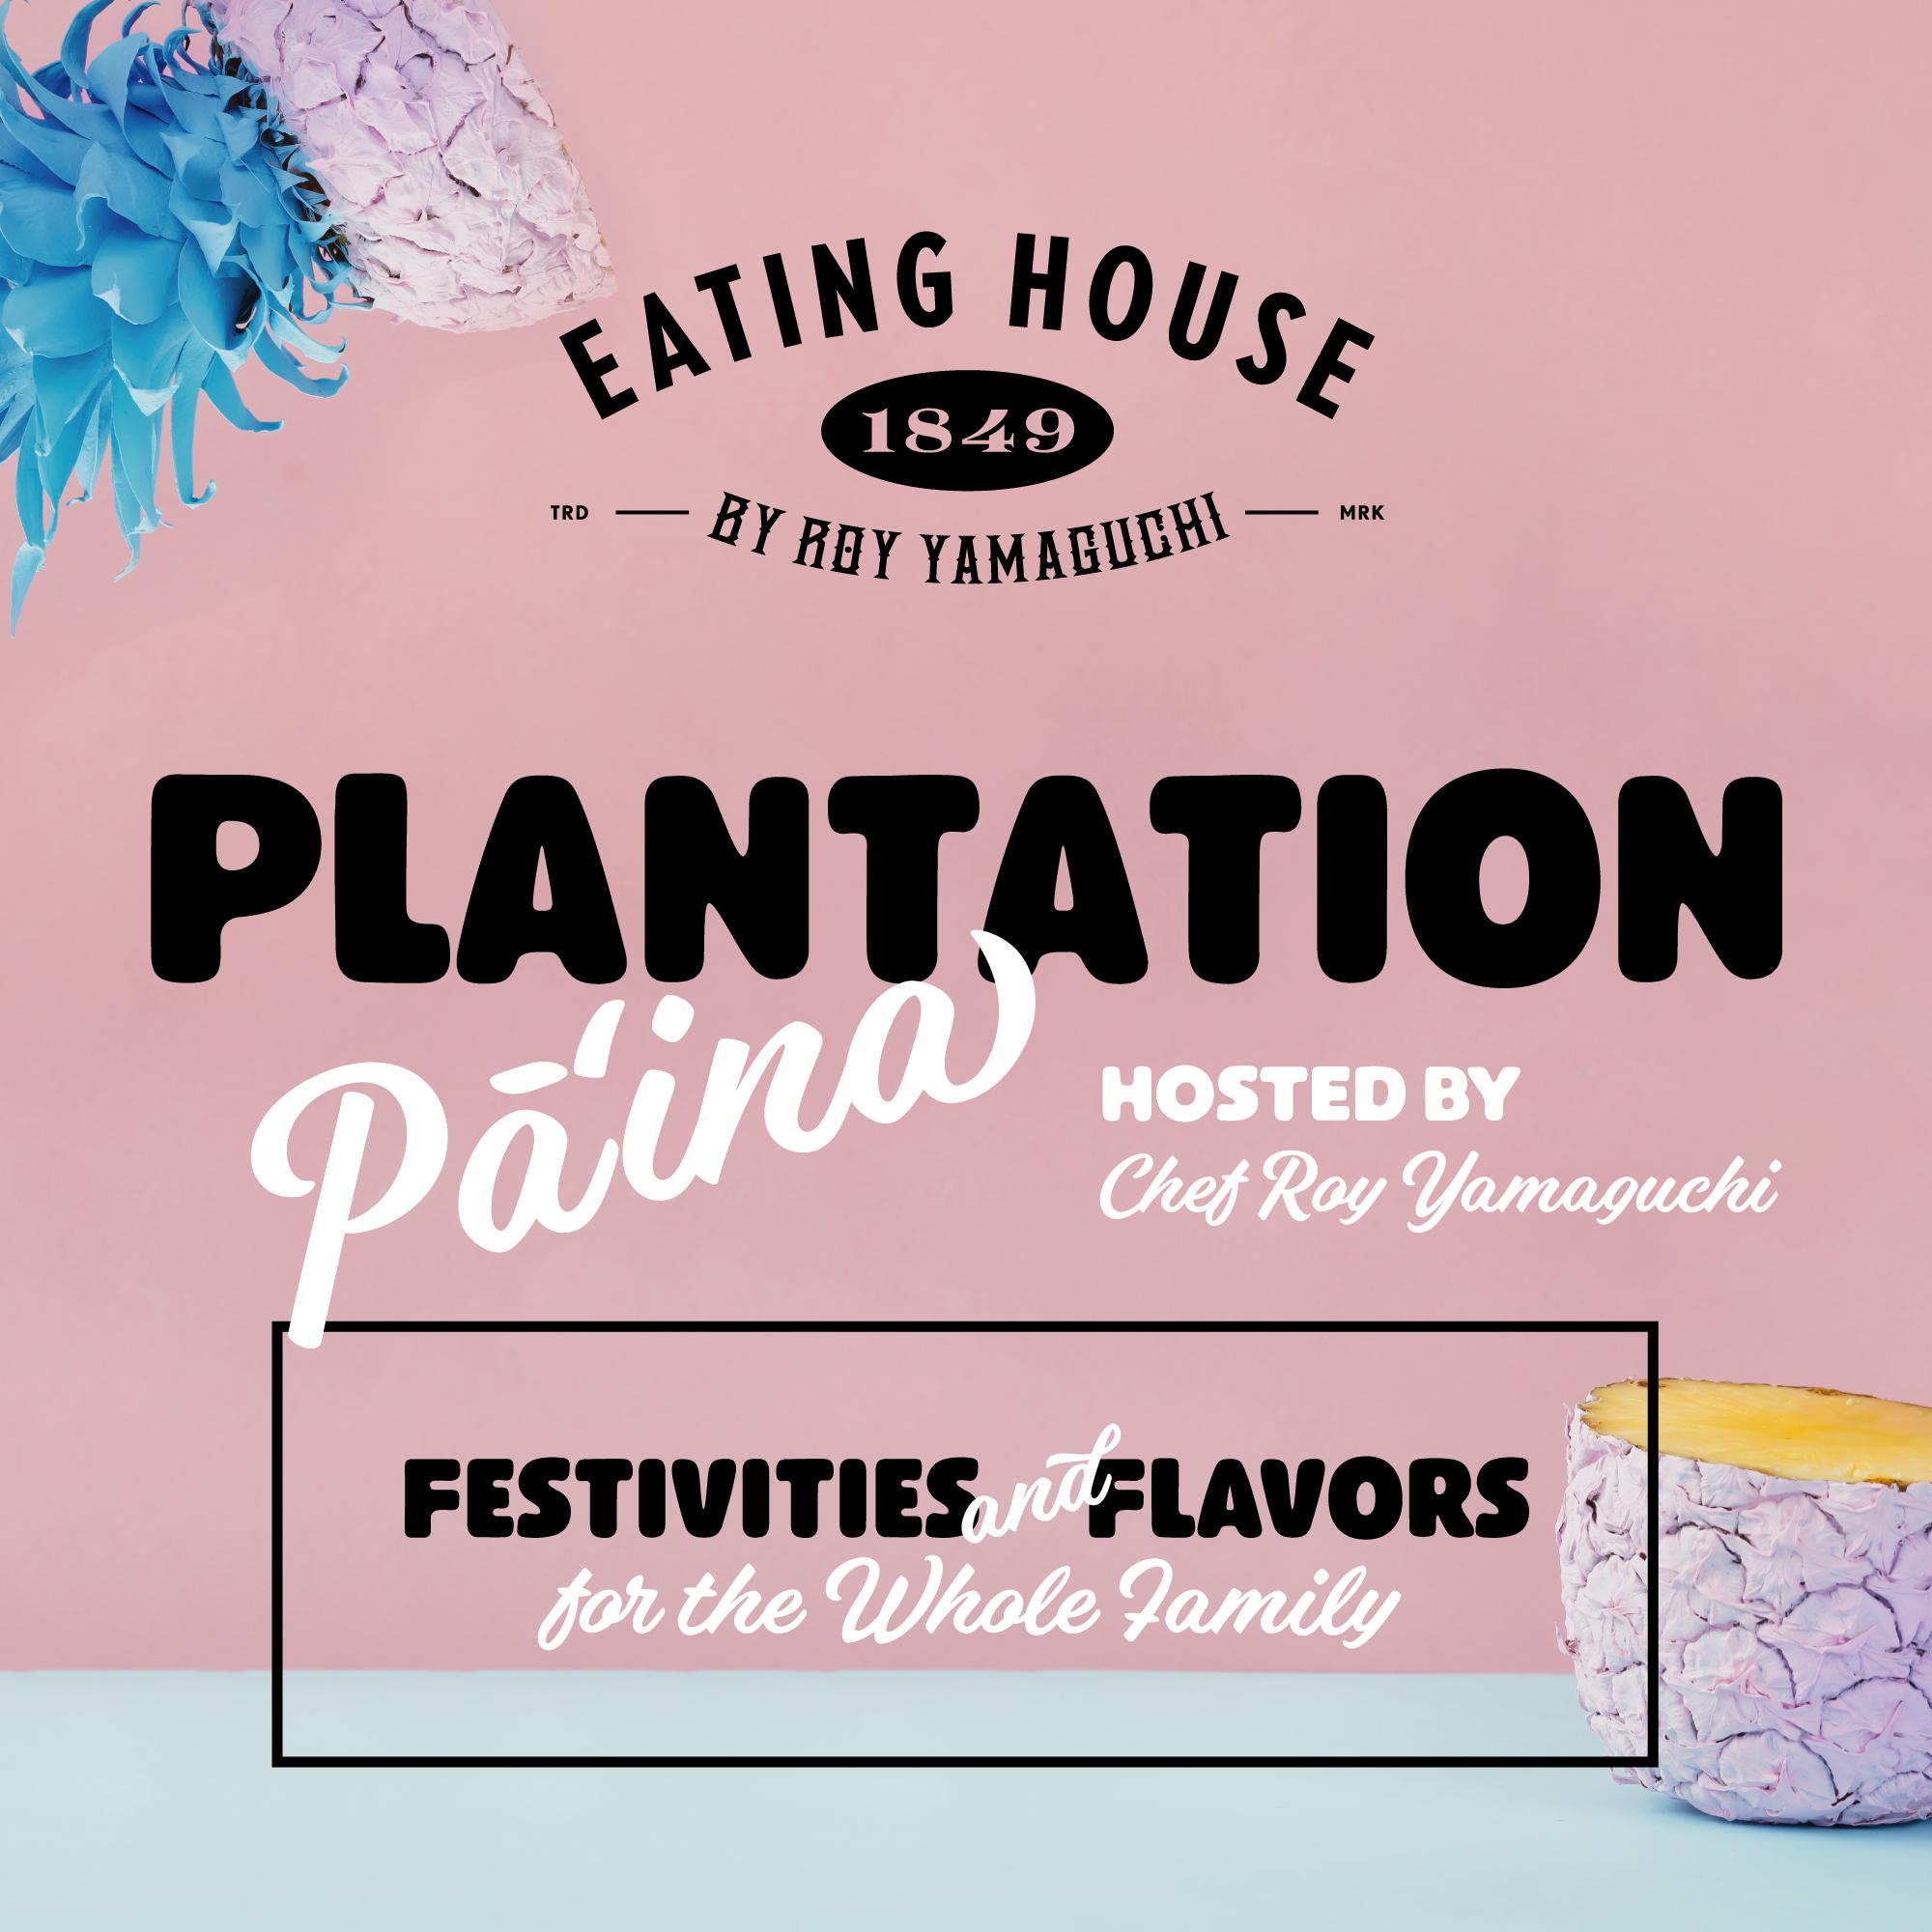 EH1849-Plantation-Paina_event-graphics_sm-1-1.jpg